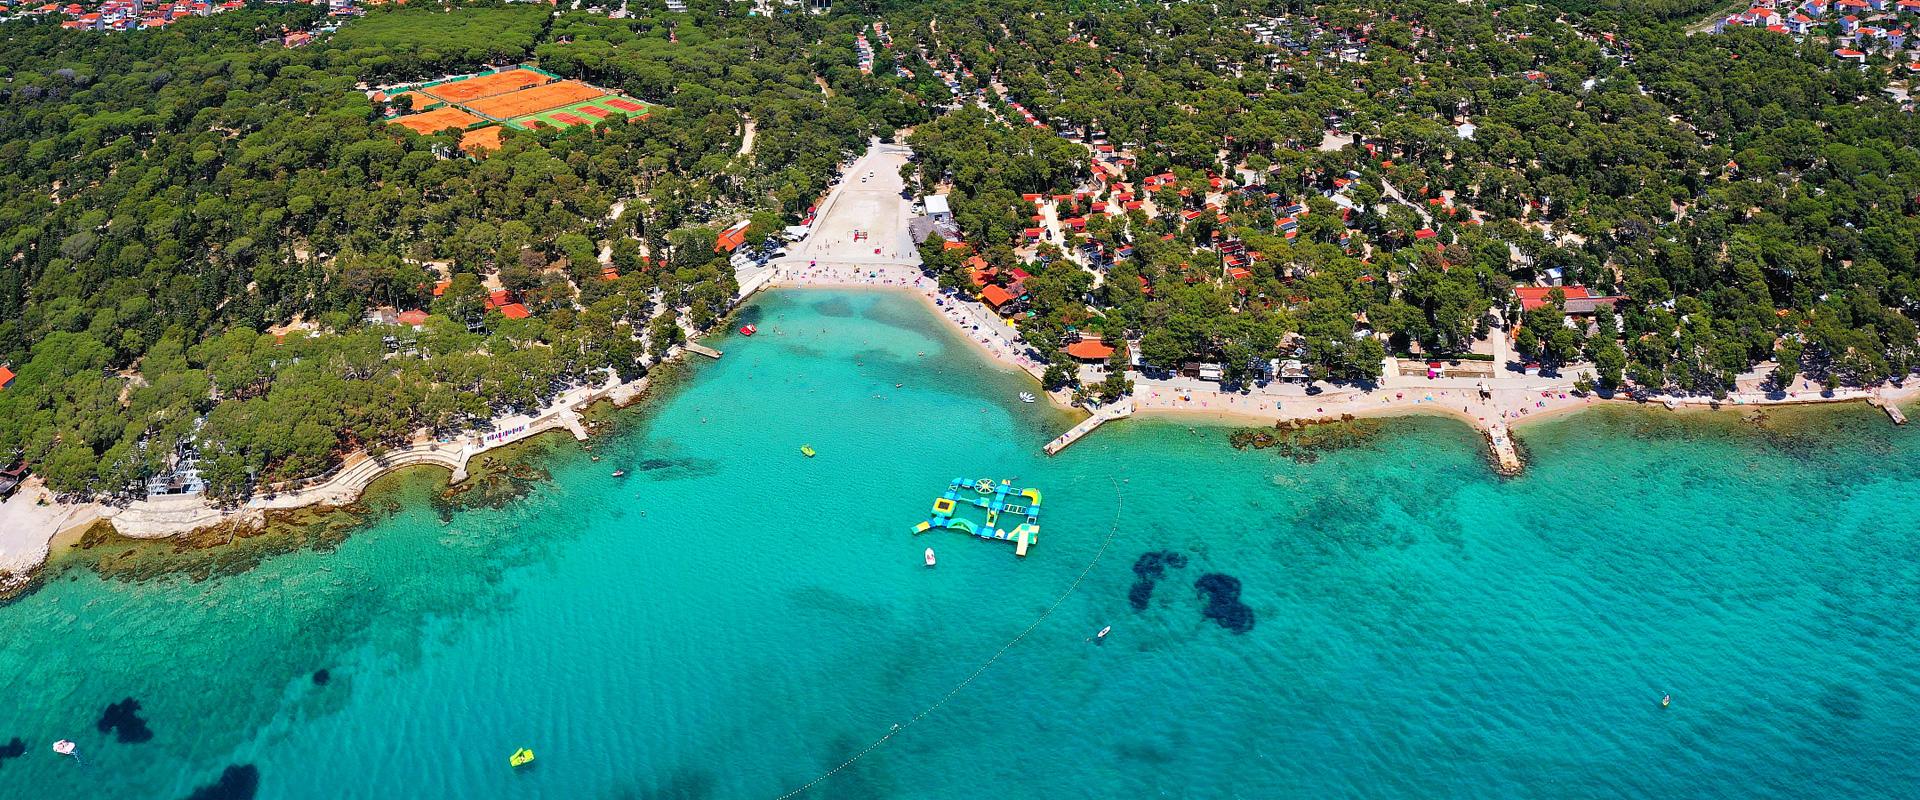 Spiaggia Soline